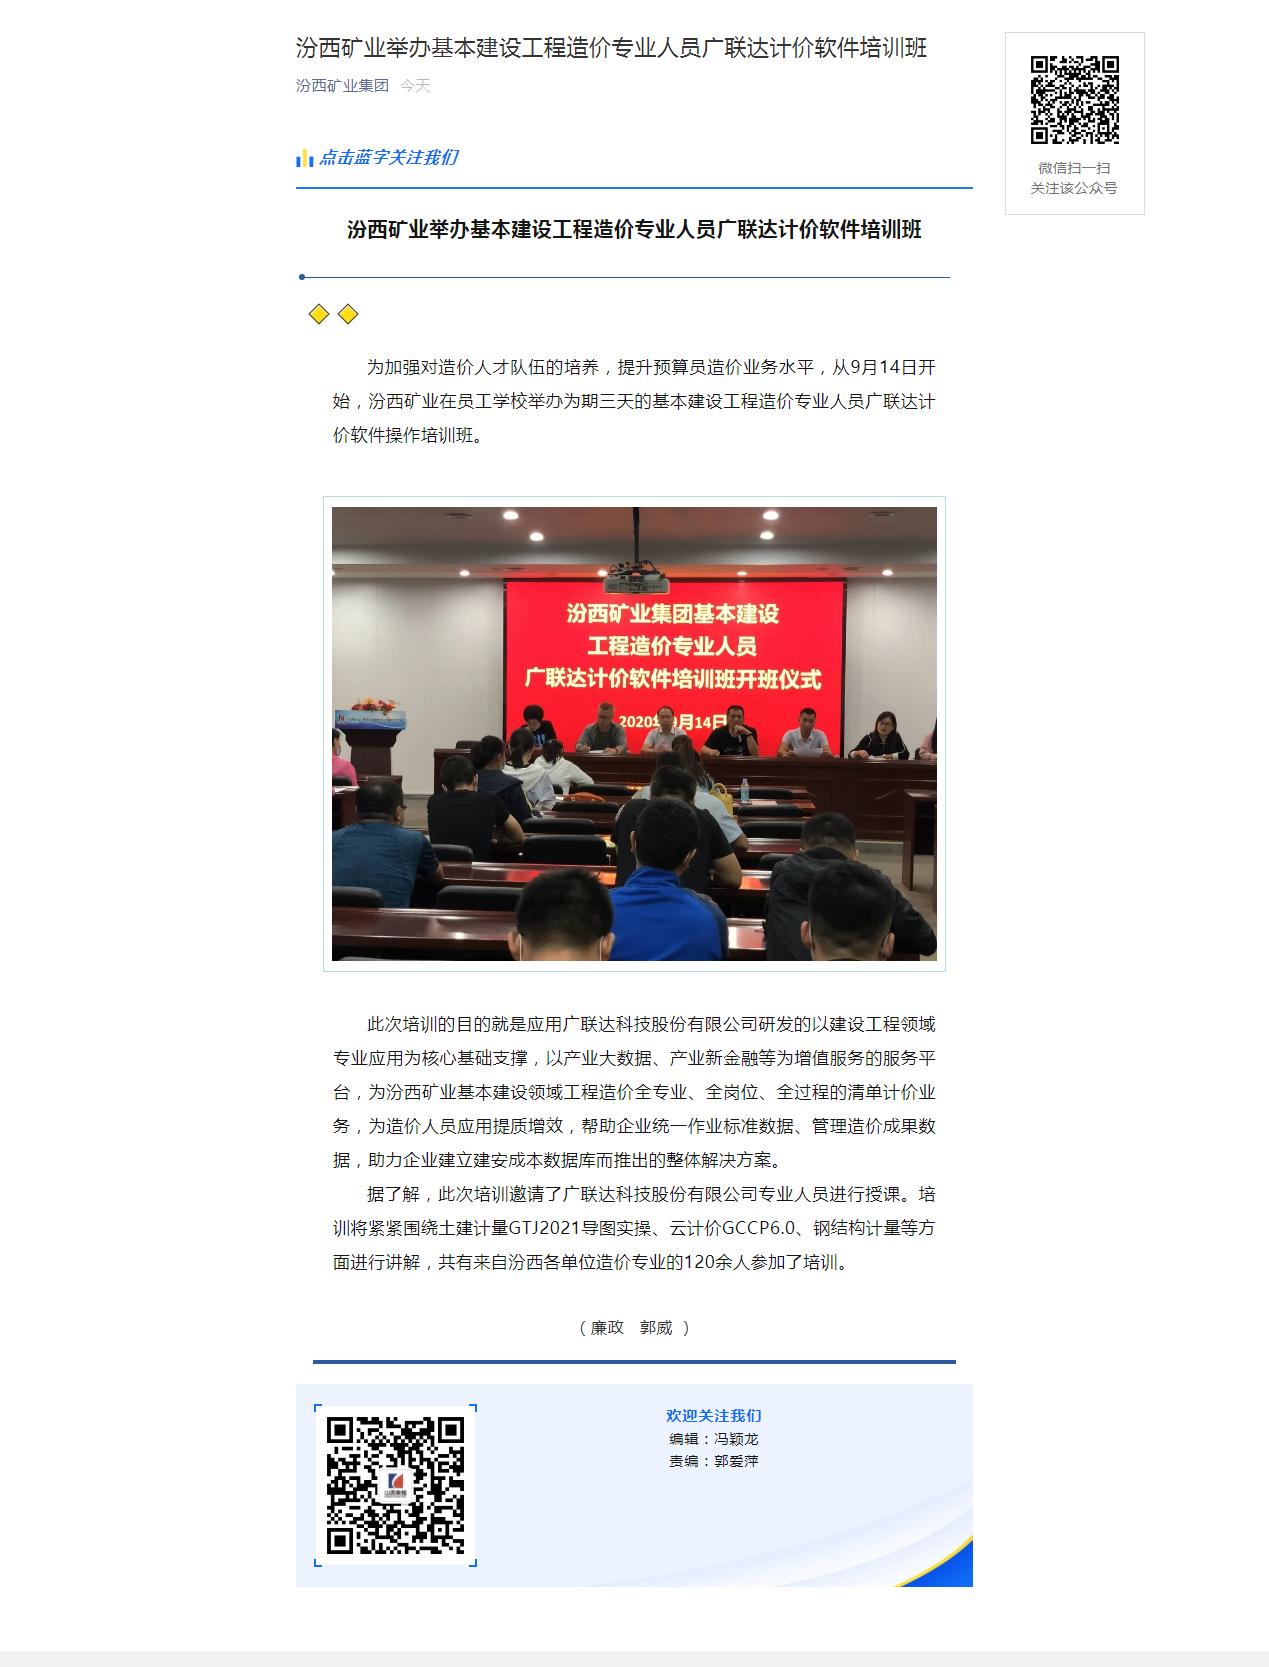 汾西矿业举办基本建设工程造价专业人员广联达计价软件培训班.png